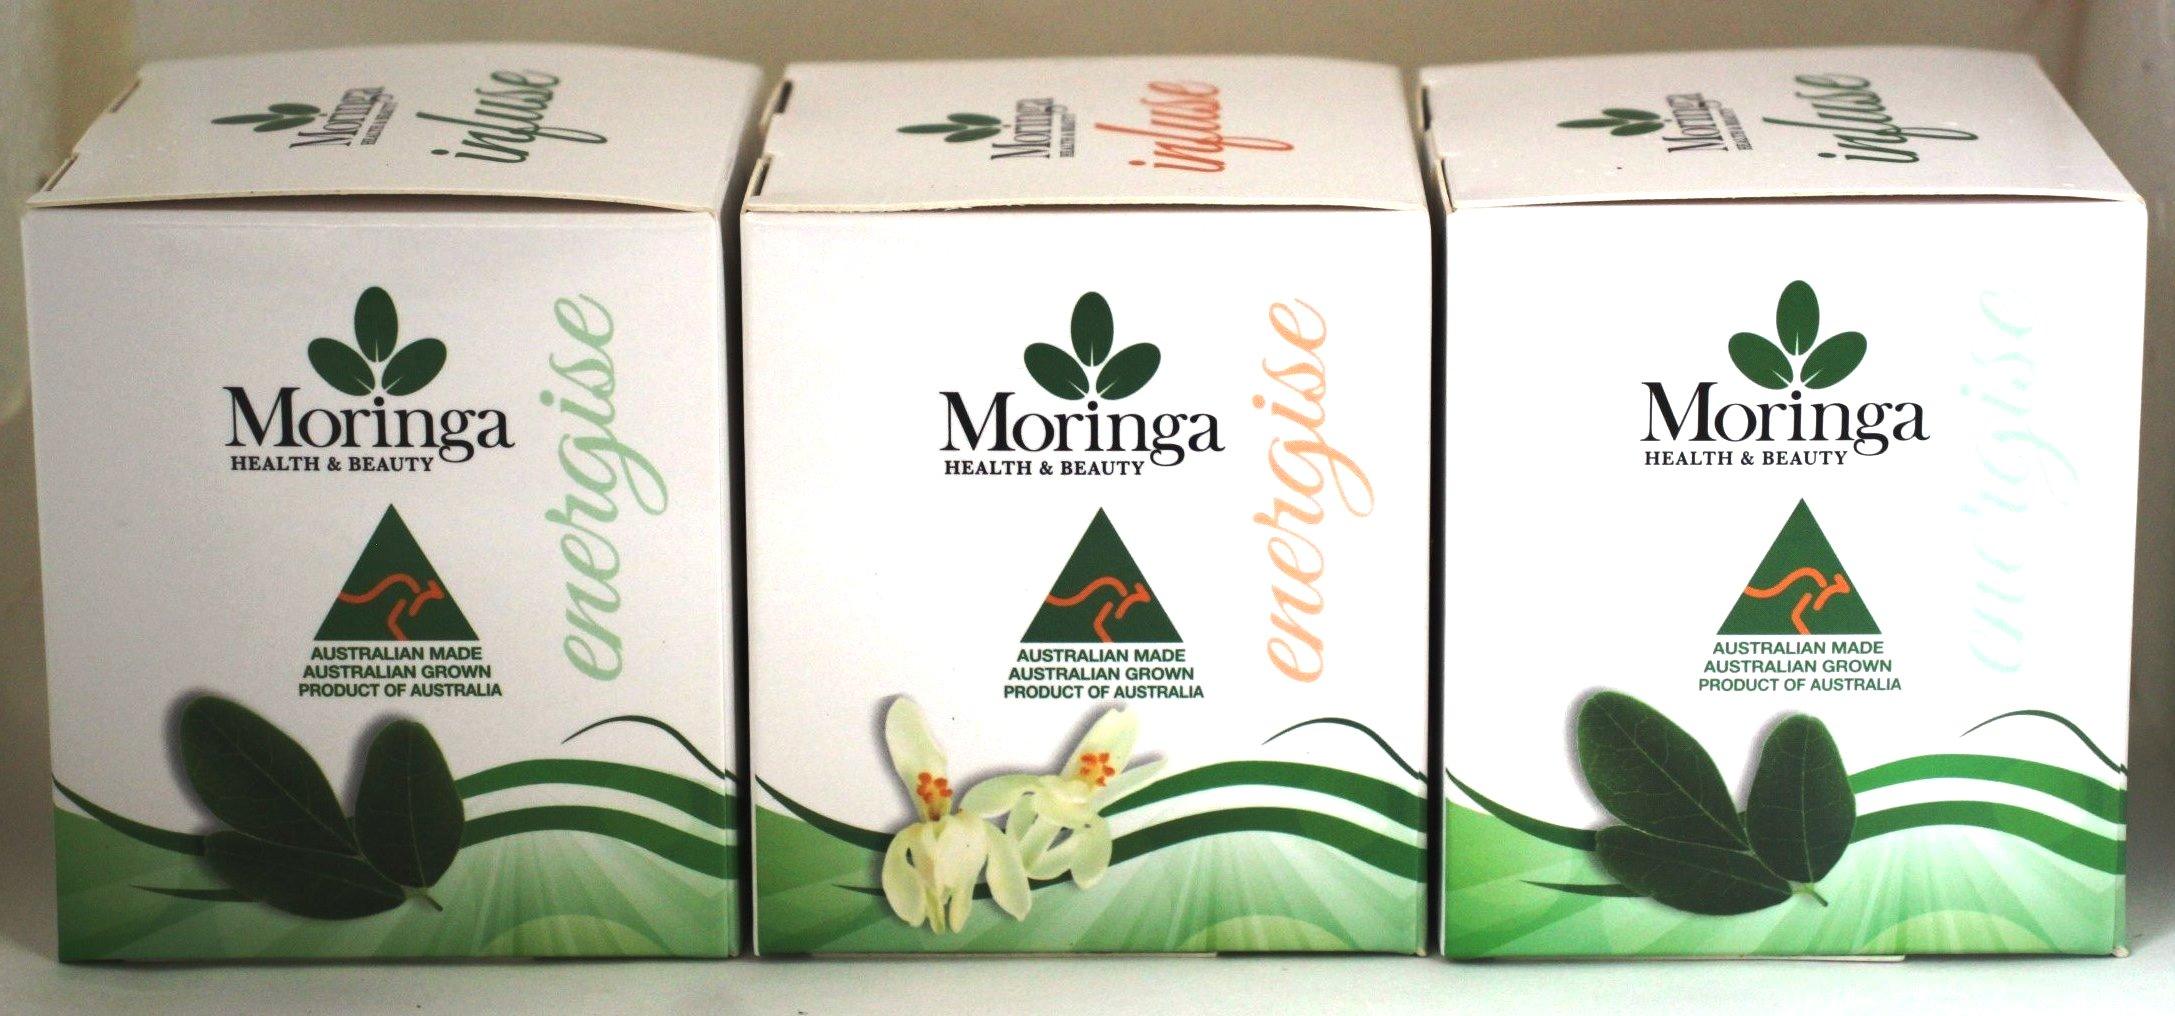 Moringa 3 pack Tea Bags - Moringa FLOWERS+Charmomile plus Moringa LEAF+Ginger & Lemon plus Moringa LEAF+Peppermint - 36 bags